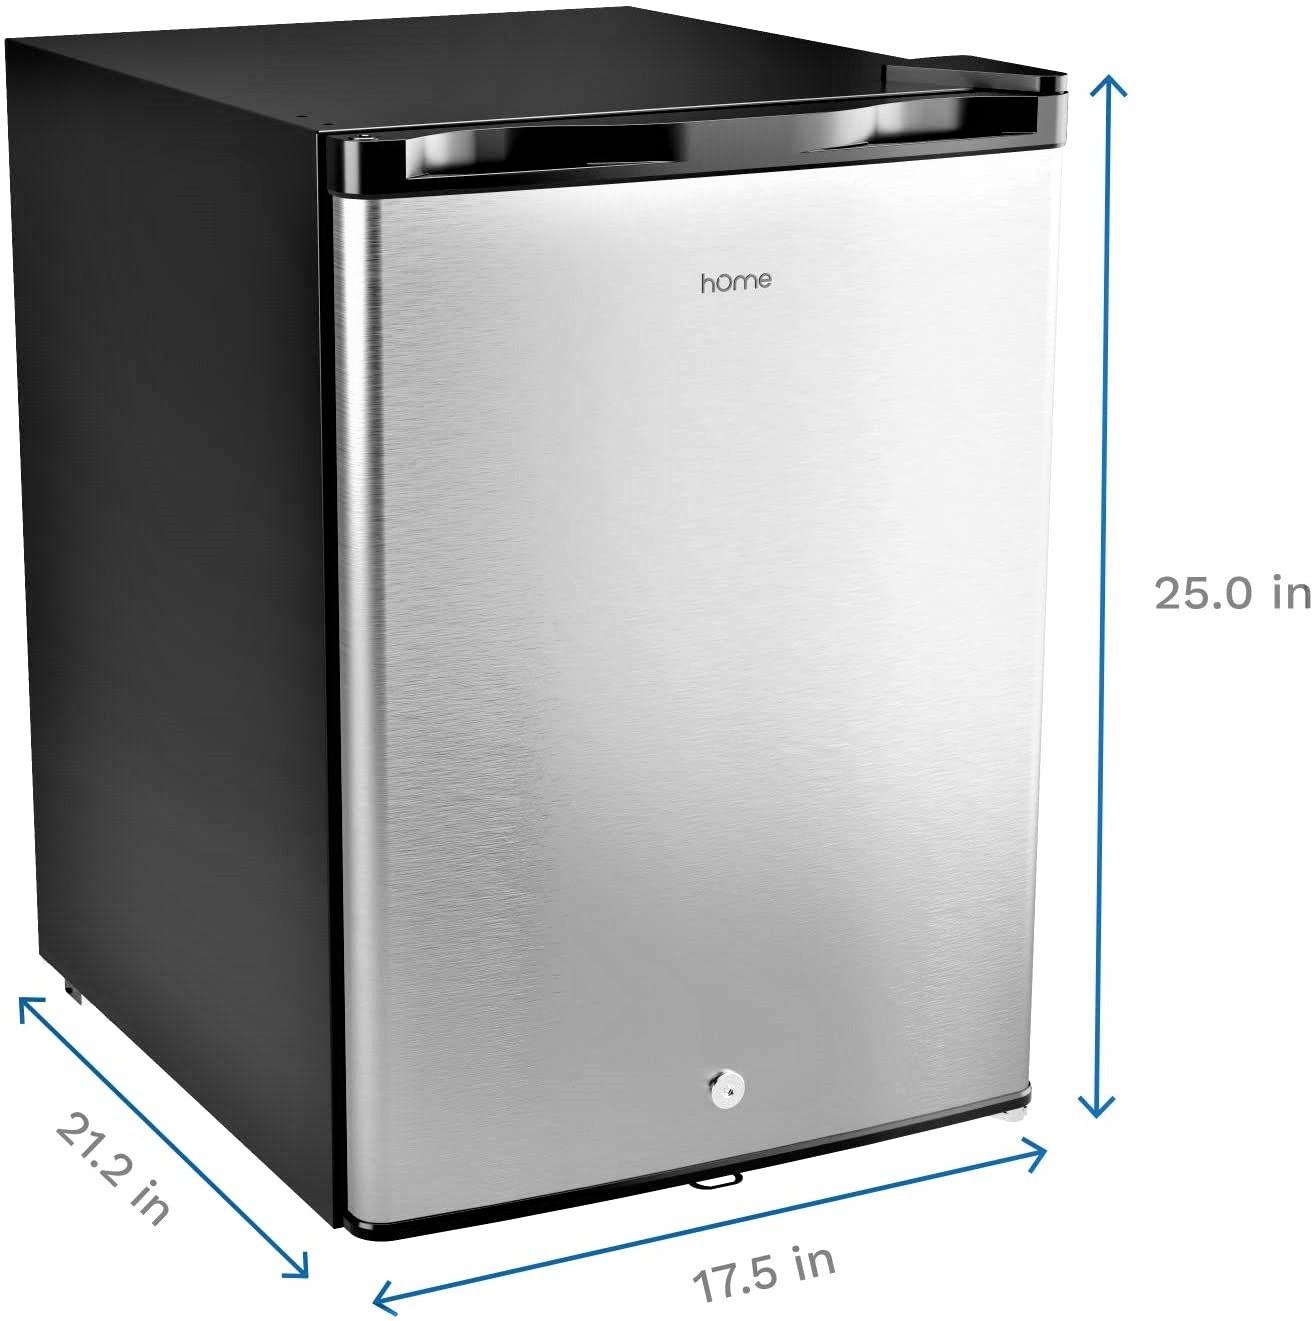 hOmelabs  2.1 Cu Ft  Upright Freezer - Reversible Single Door Vertical Freezer Specs